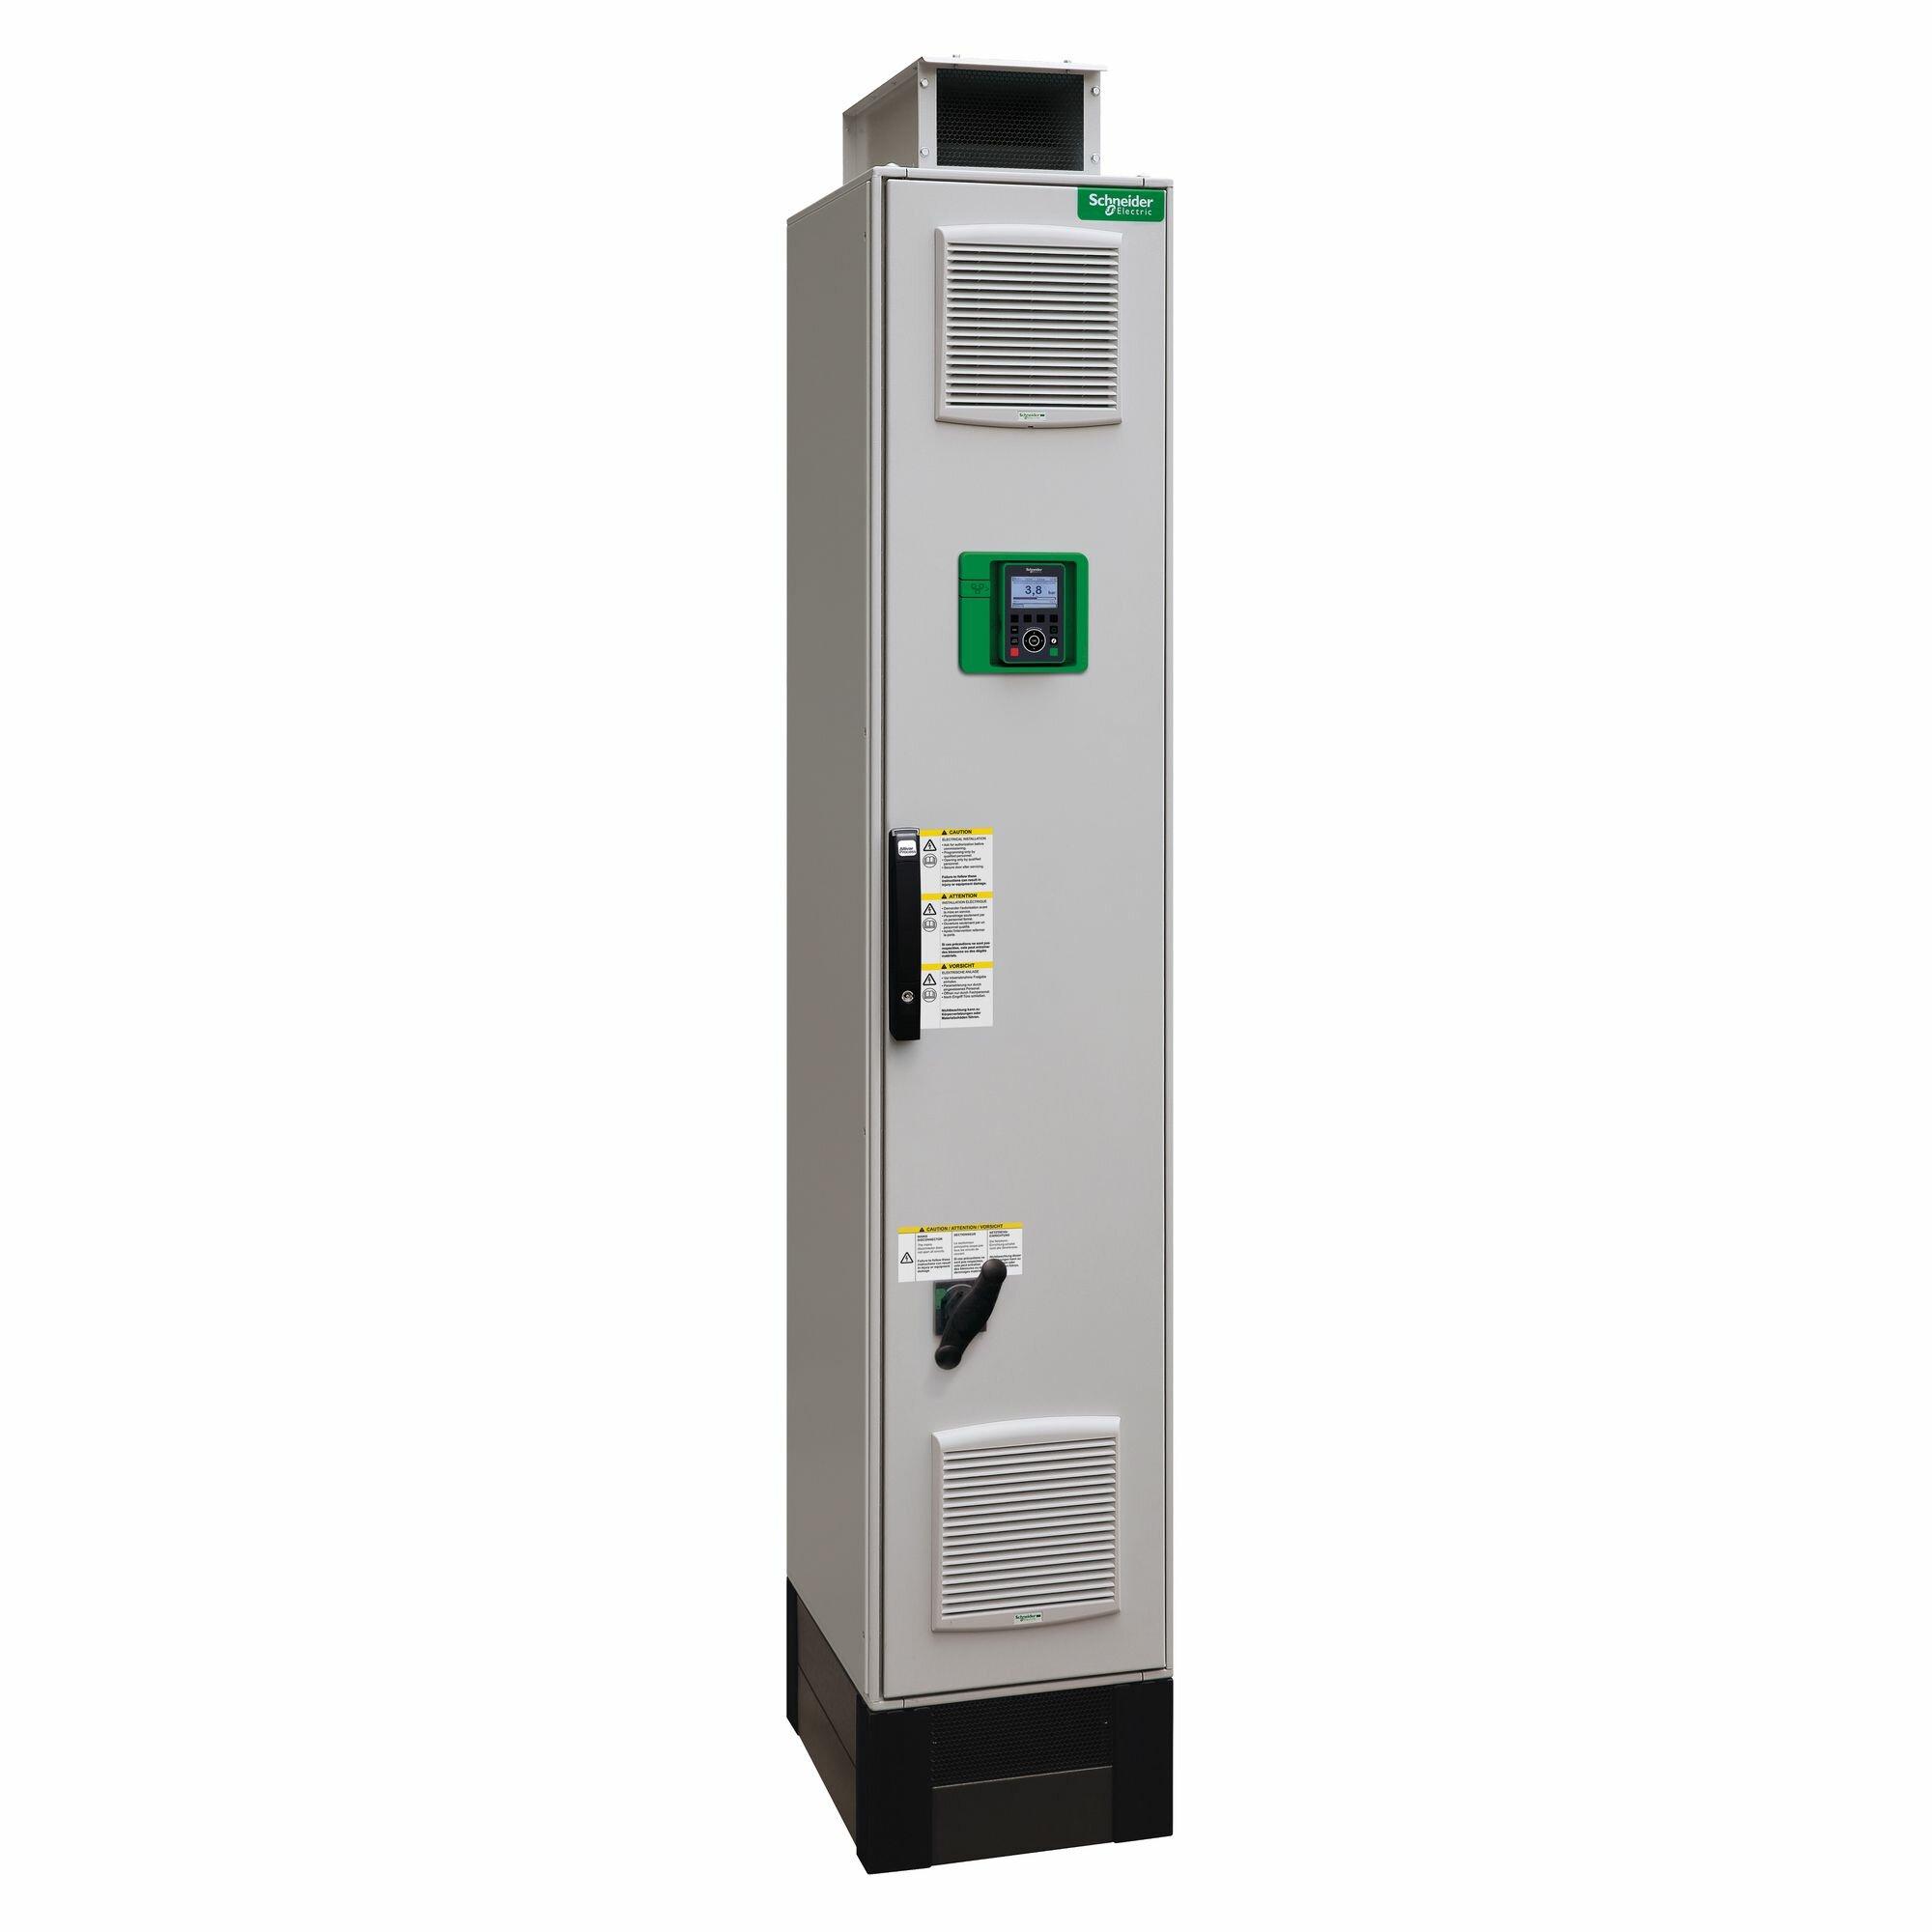 Преобразователь частоты 132 кВт 380-440В 3-х фазный, шкафной, IP54 Schneider Electric, ATV650C13N4F